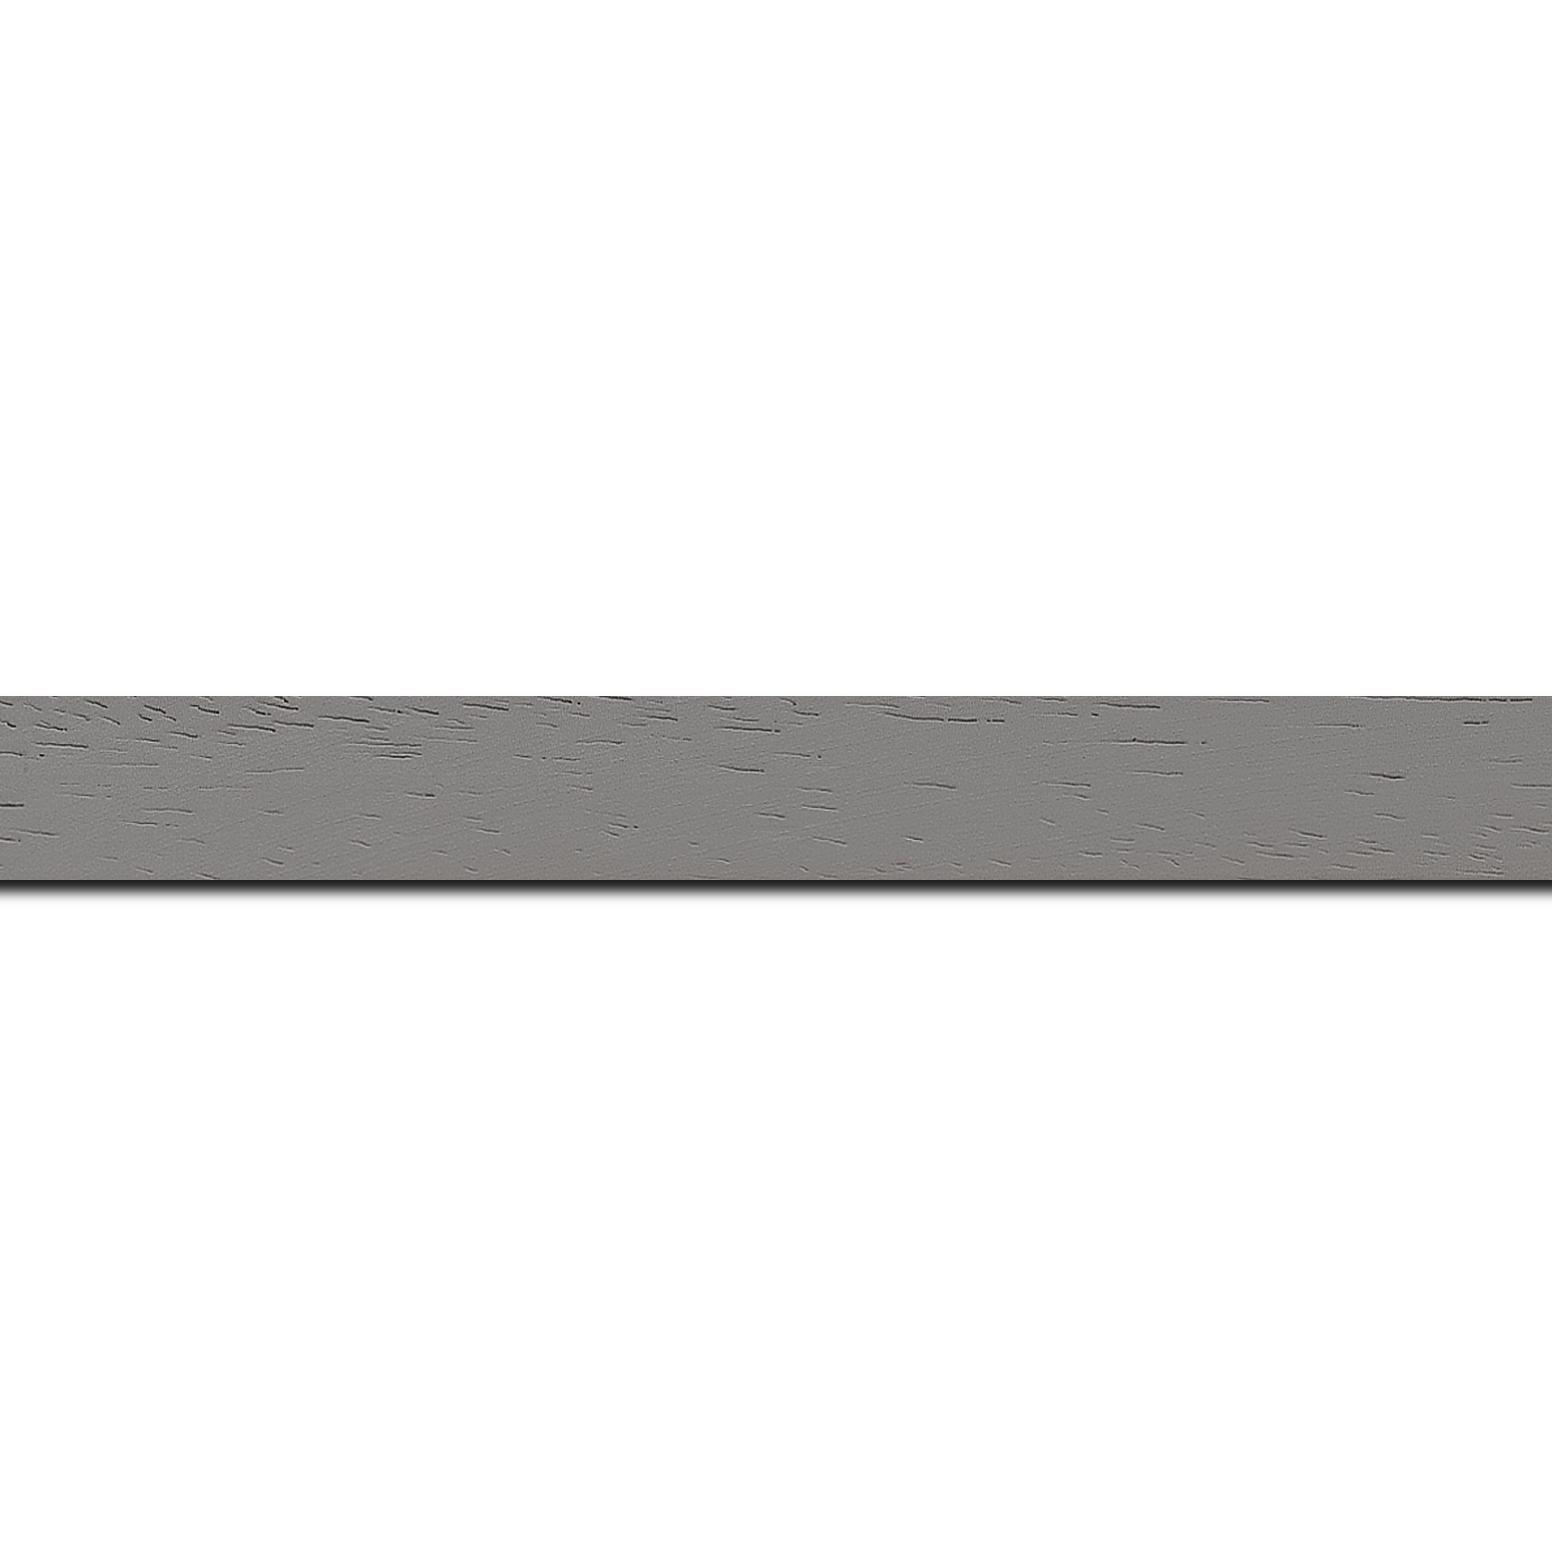 Baguette longueur 1.40m bois profil plat largeur 2cm couleur gris clair satiné